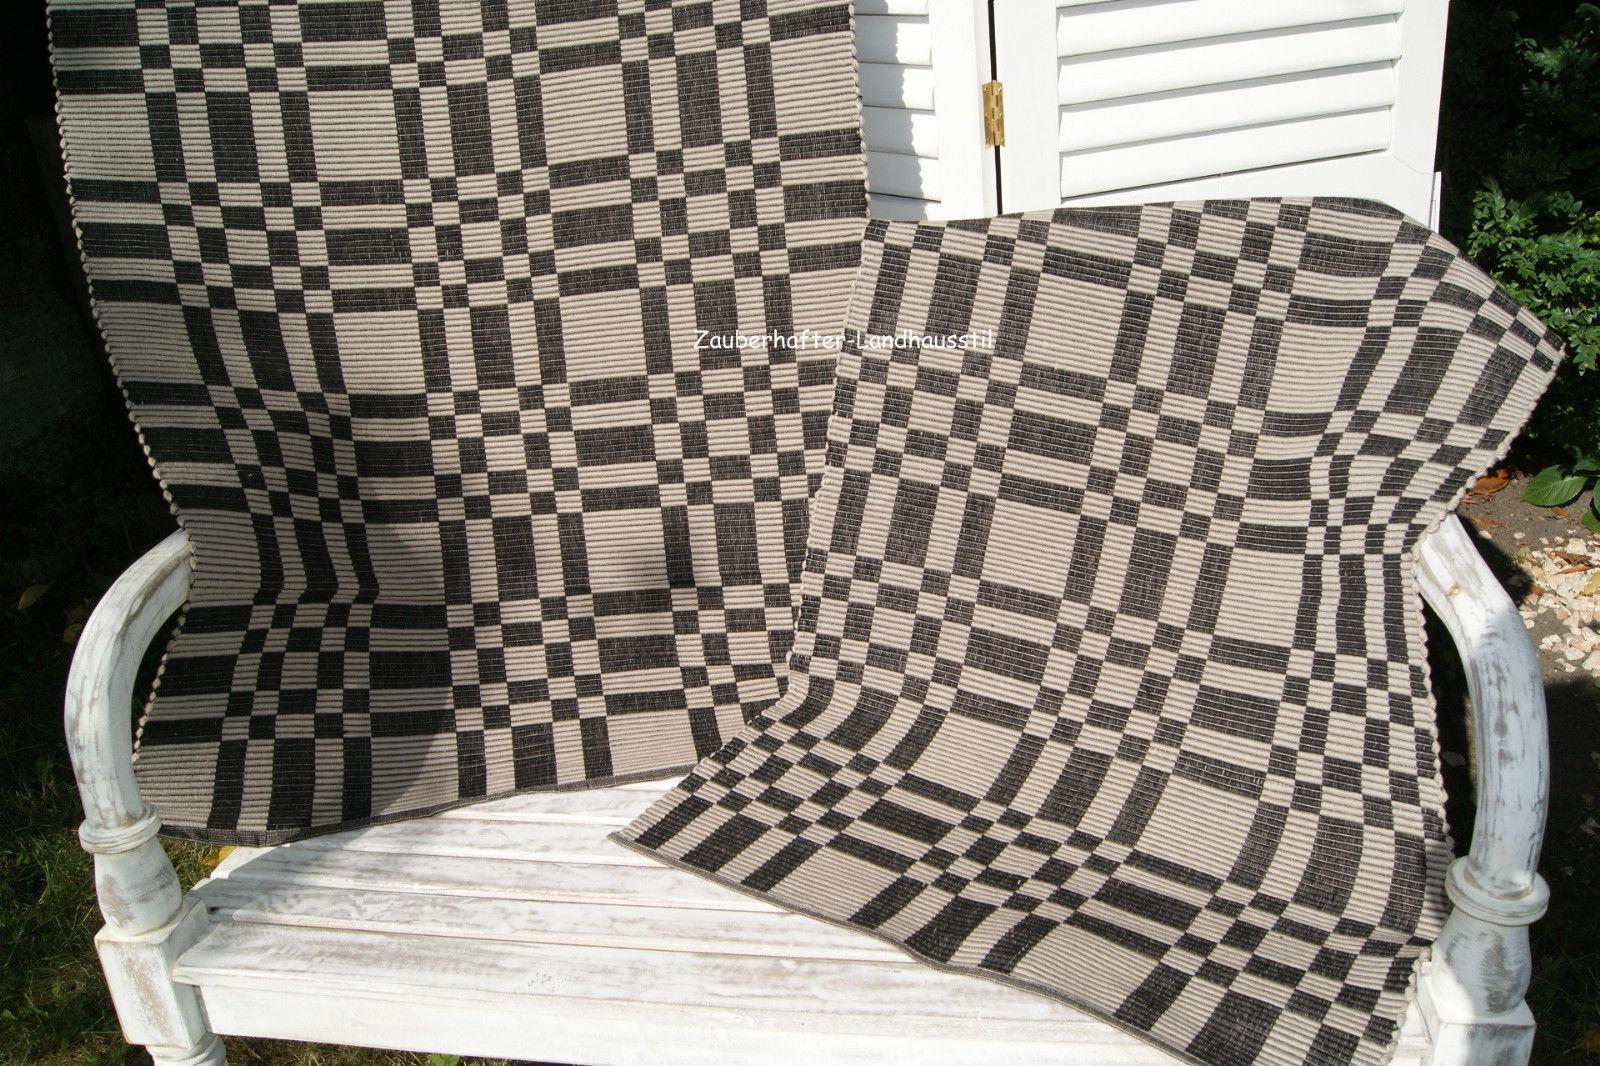 70 x 200 cm teppich zauberhafter landhausstil - Teppich landhausstil ...